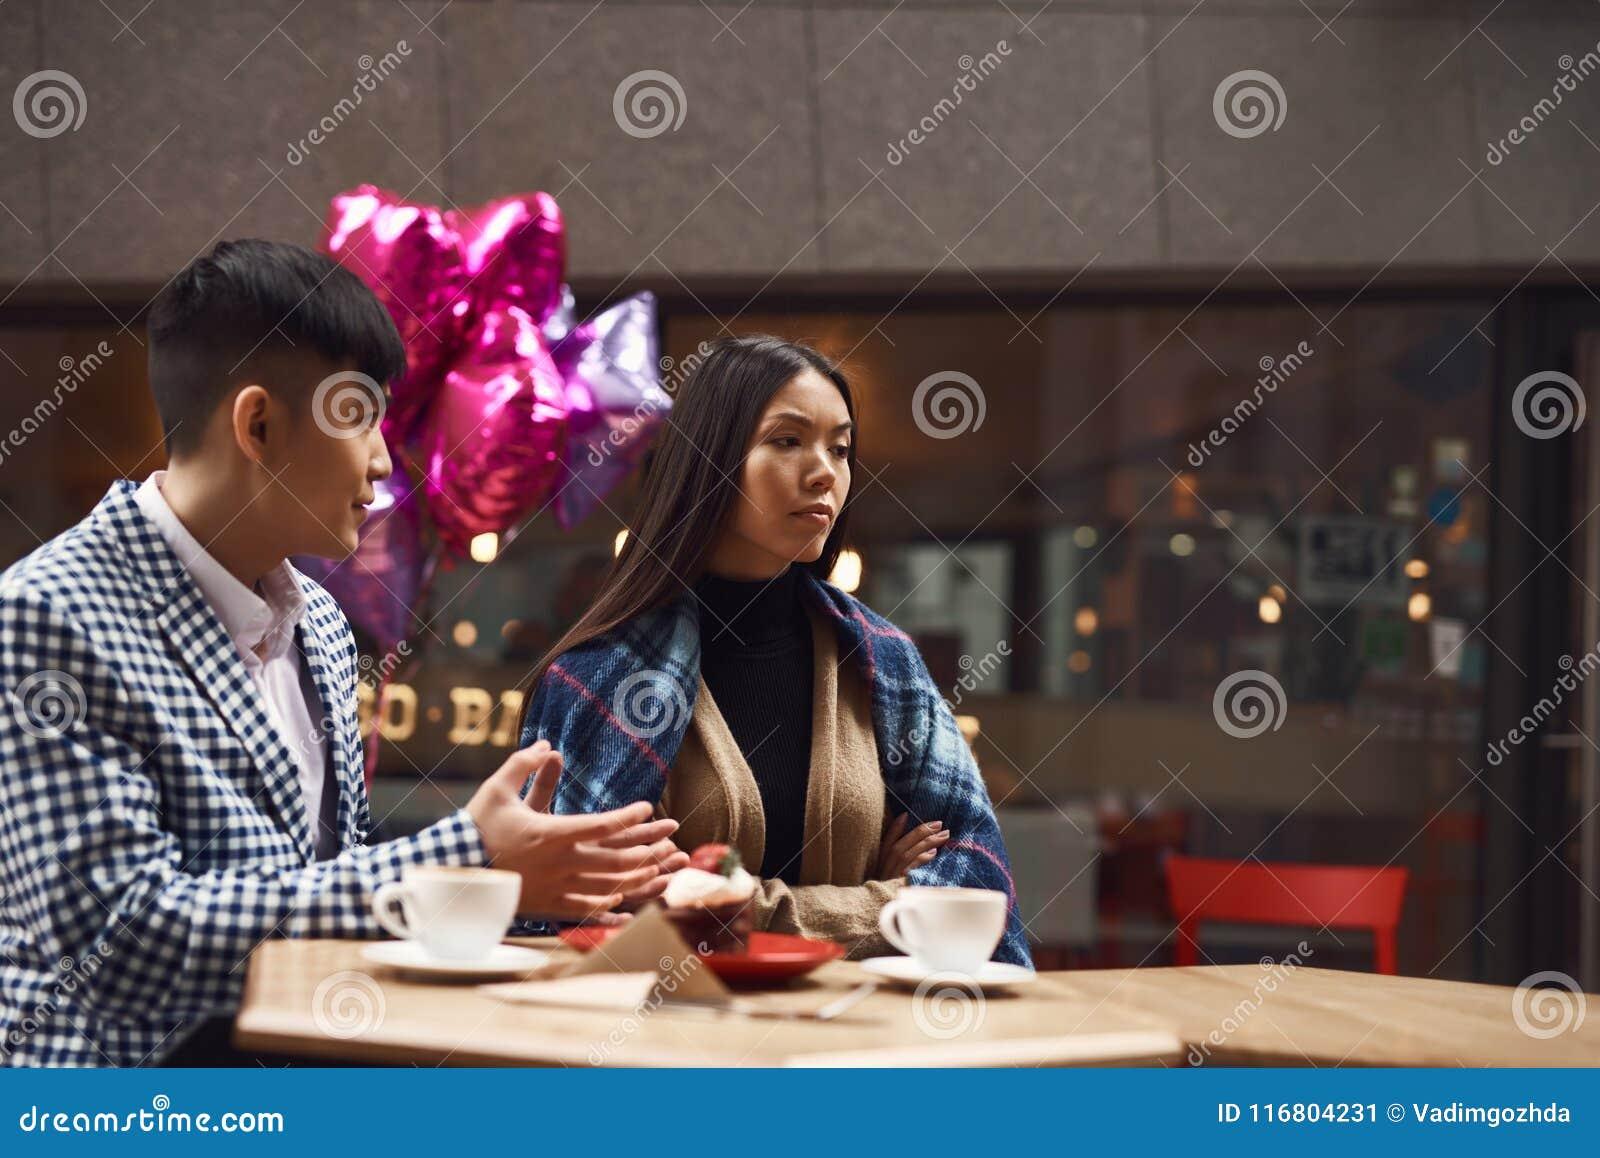 La coppia stride in caffetteria alla tavola